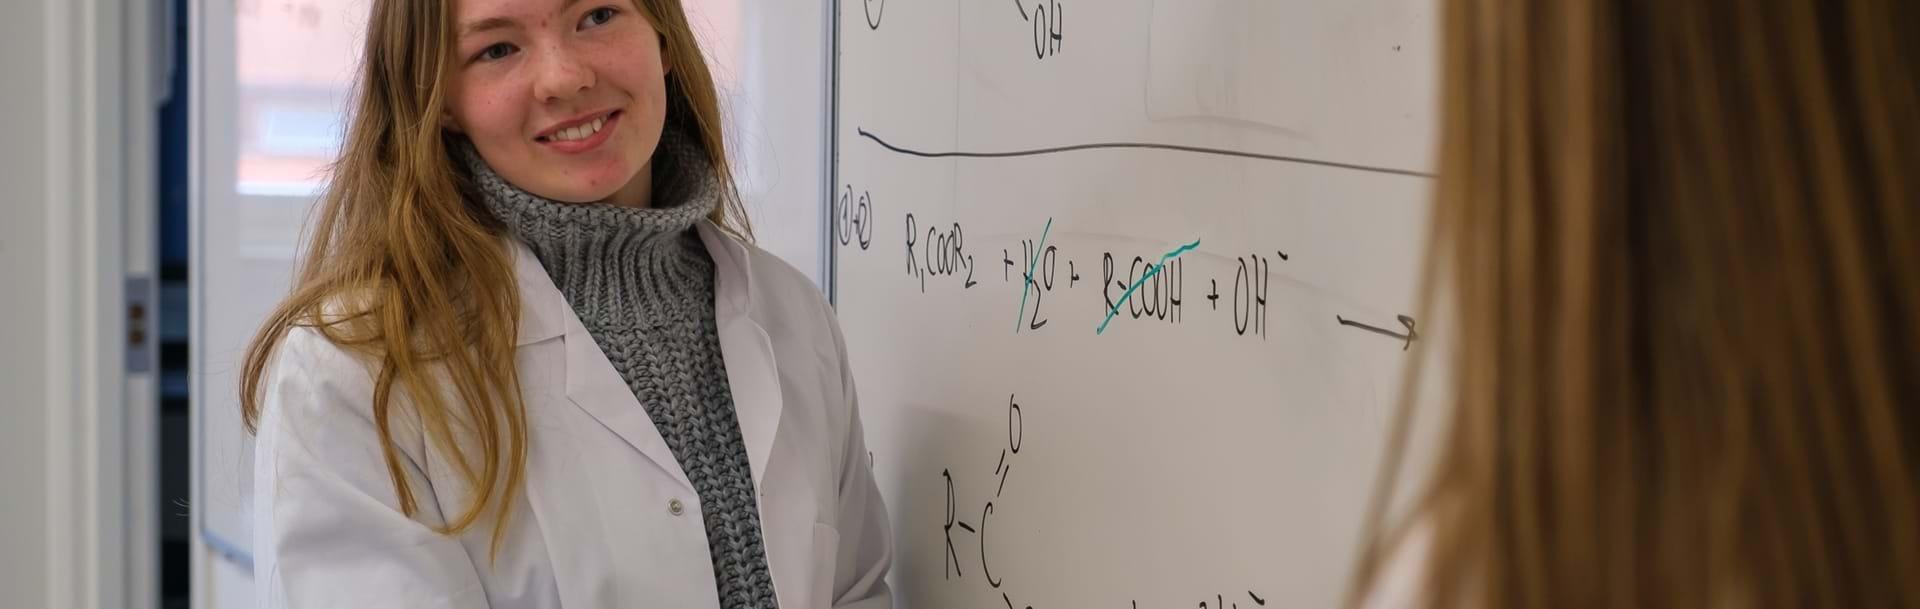 Pige i hvid kittel skriver formler på tavlen i kemilokale